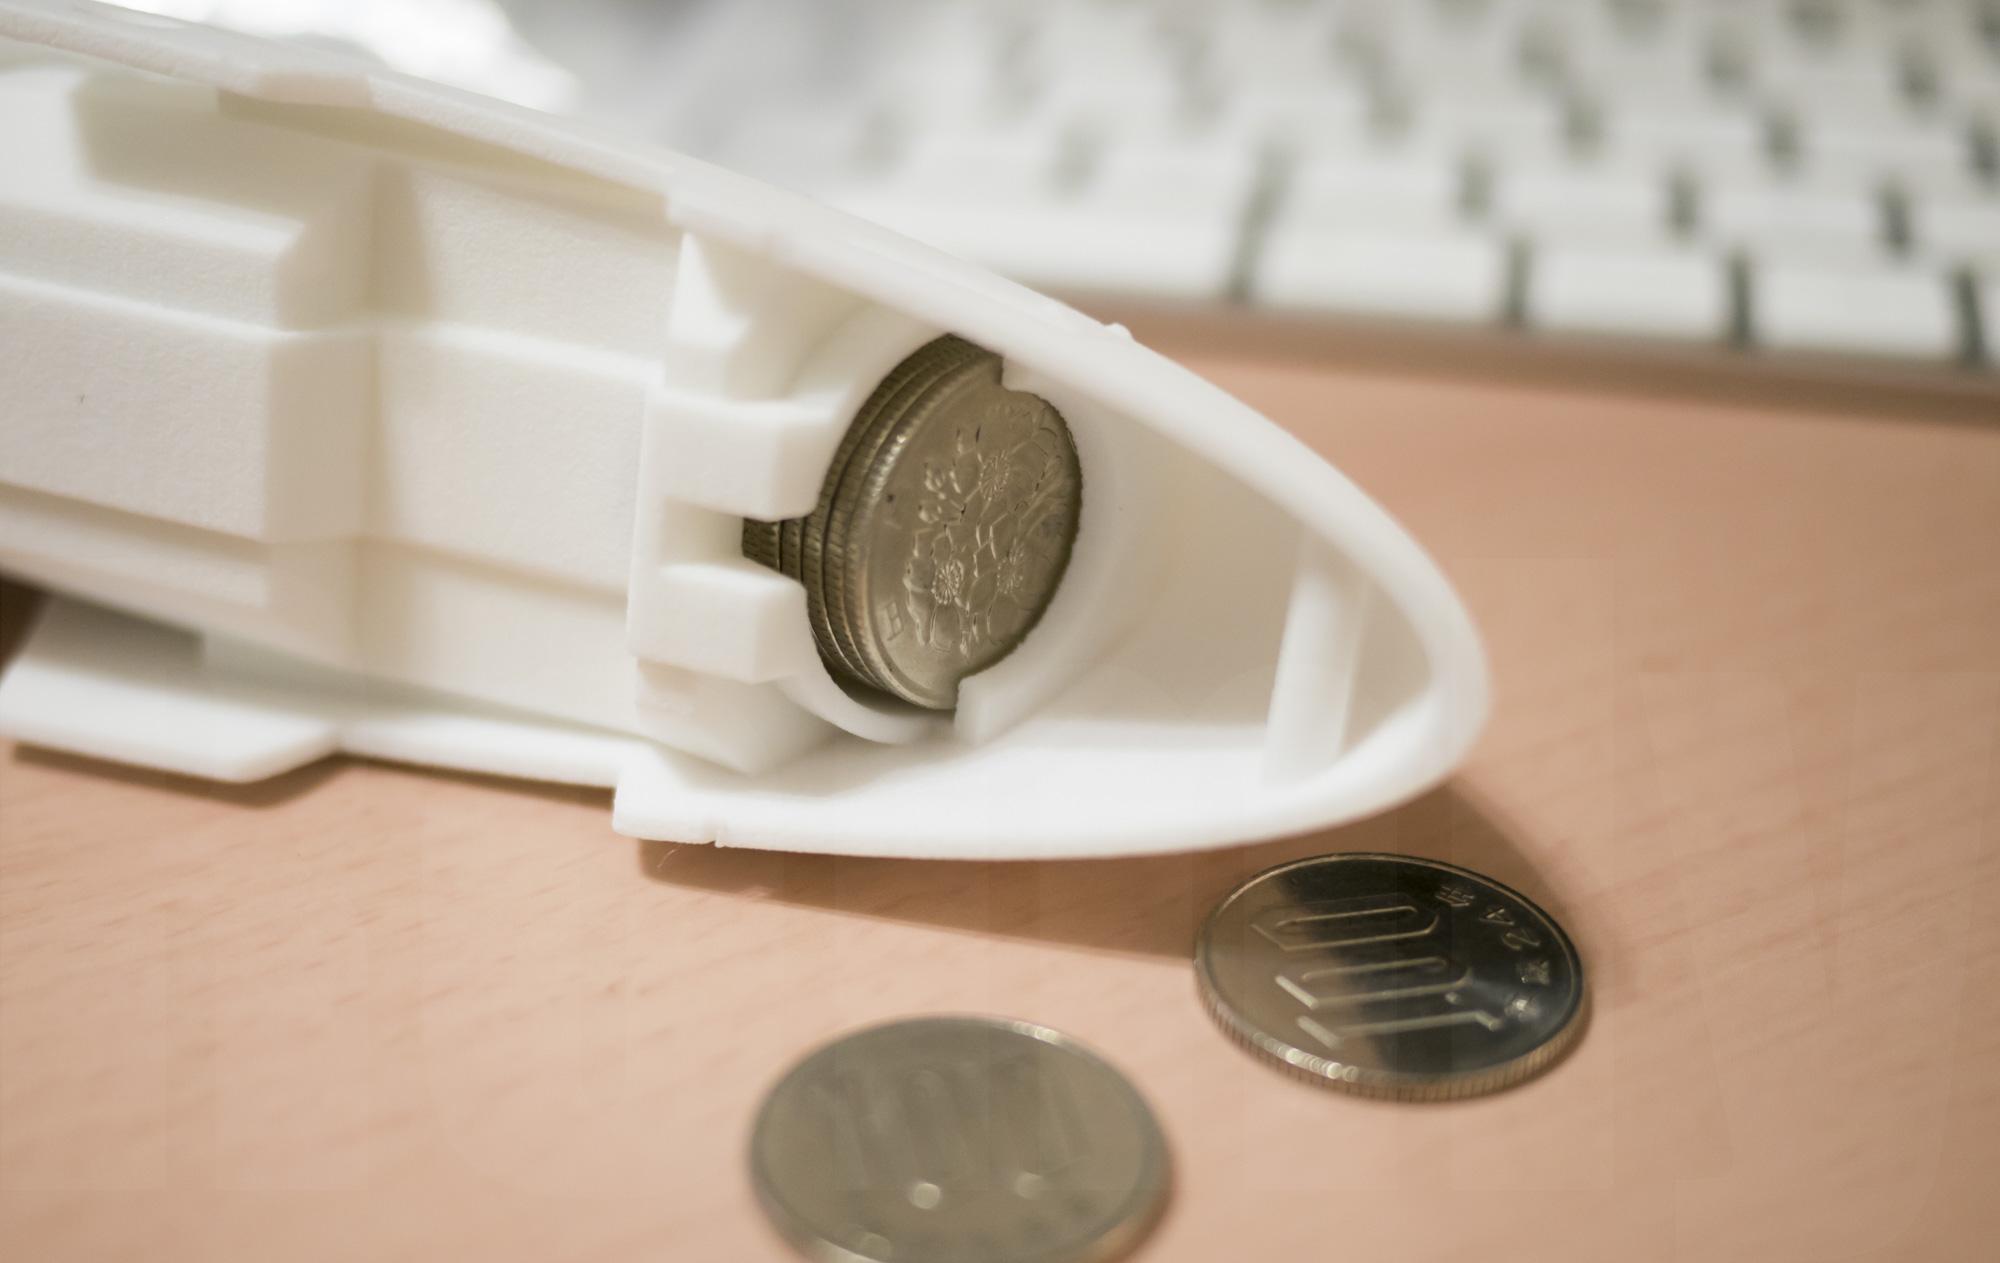 ミミノアーレ 3Dプリントモデル コインシリンダー 100円部分